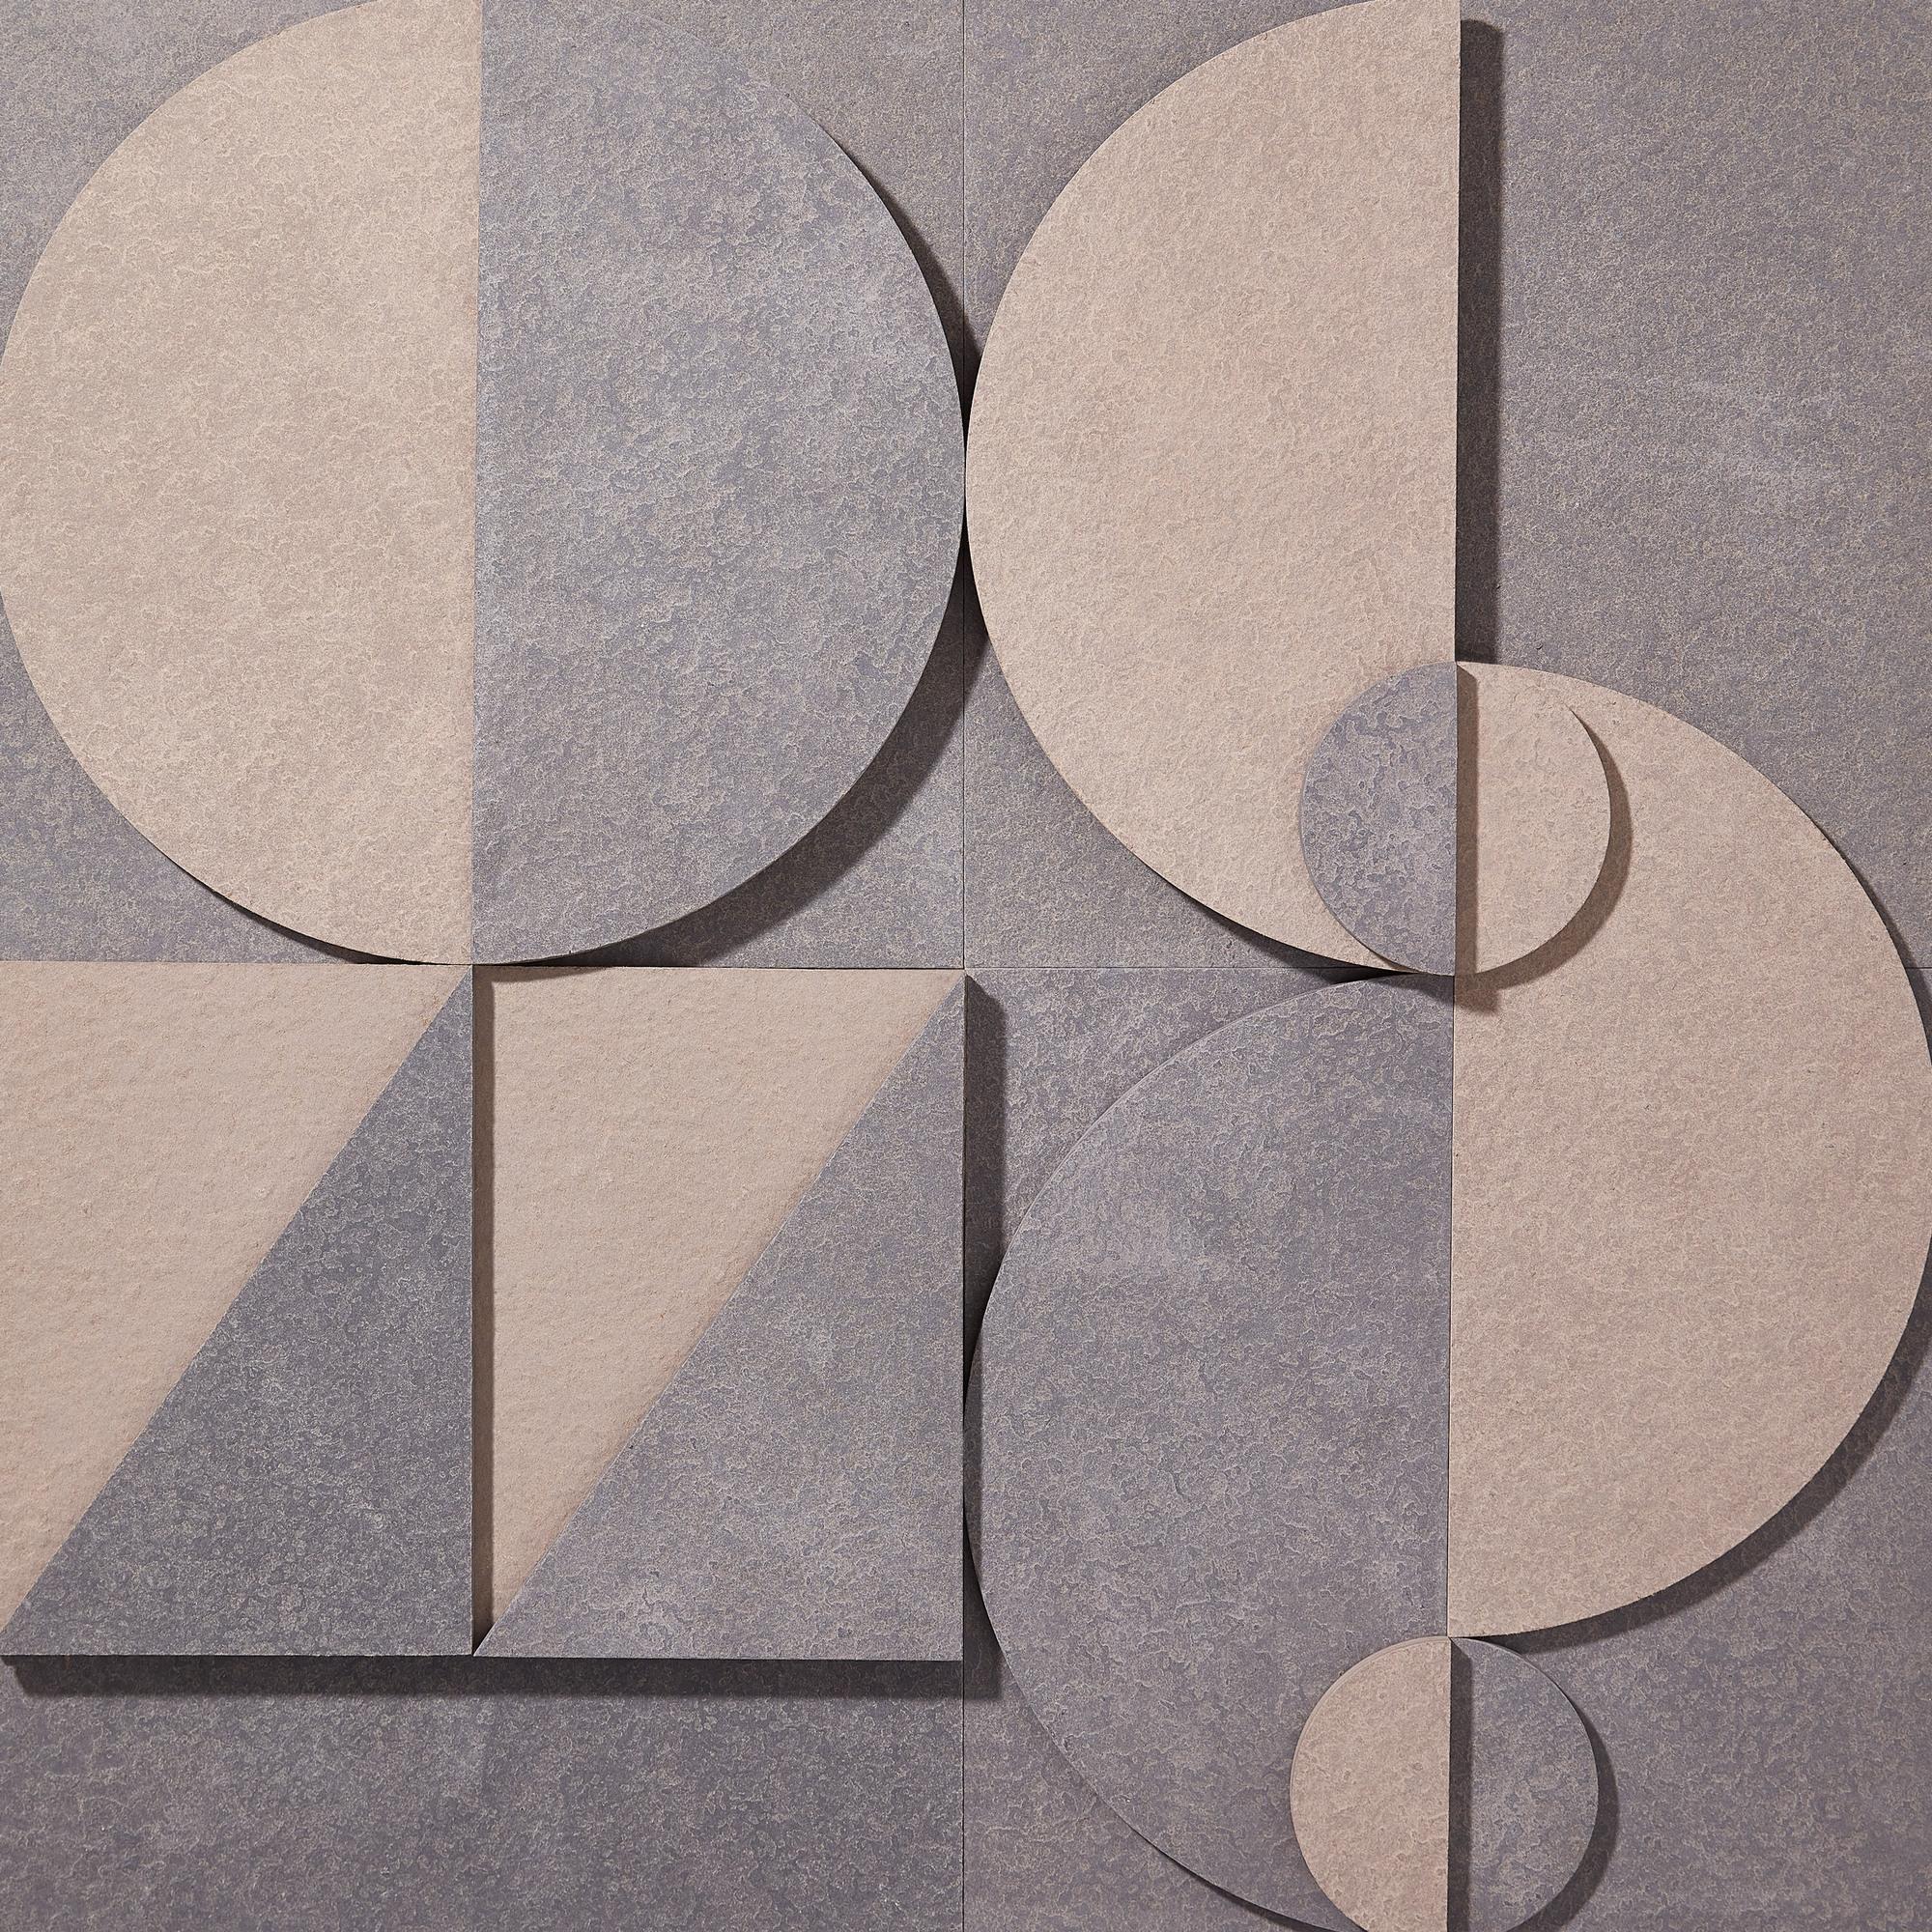 New Materials: Textured and Irregular Appearance Fiber Cement Facade Panels